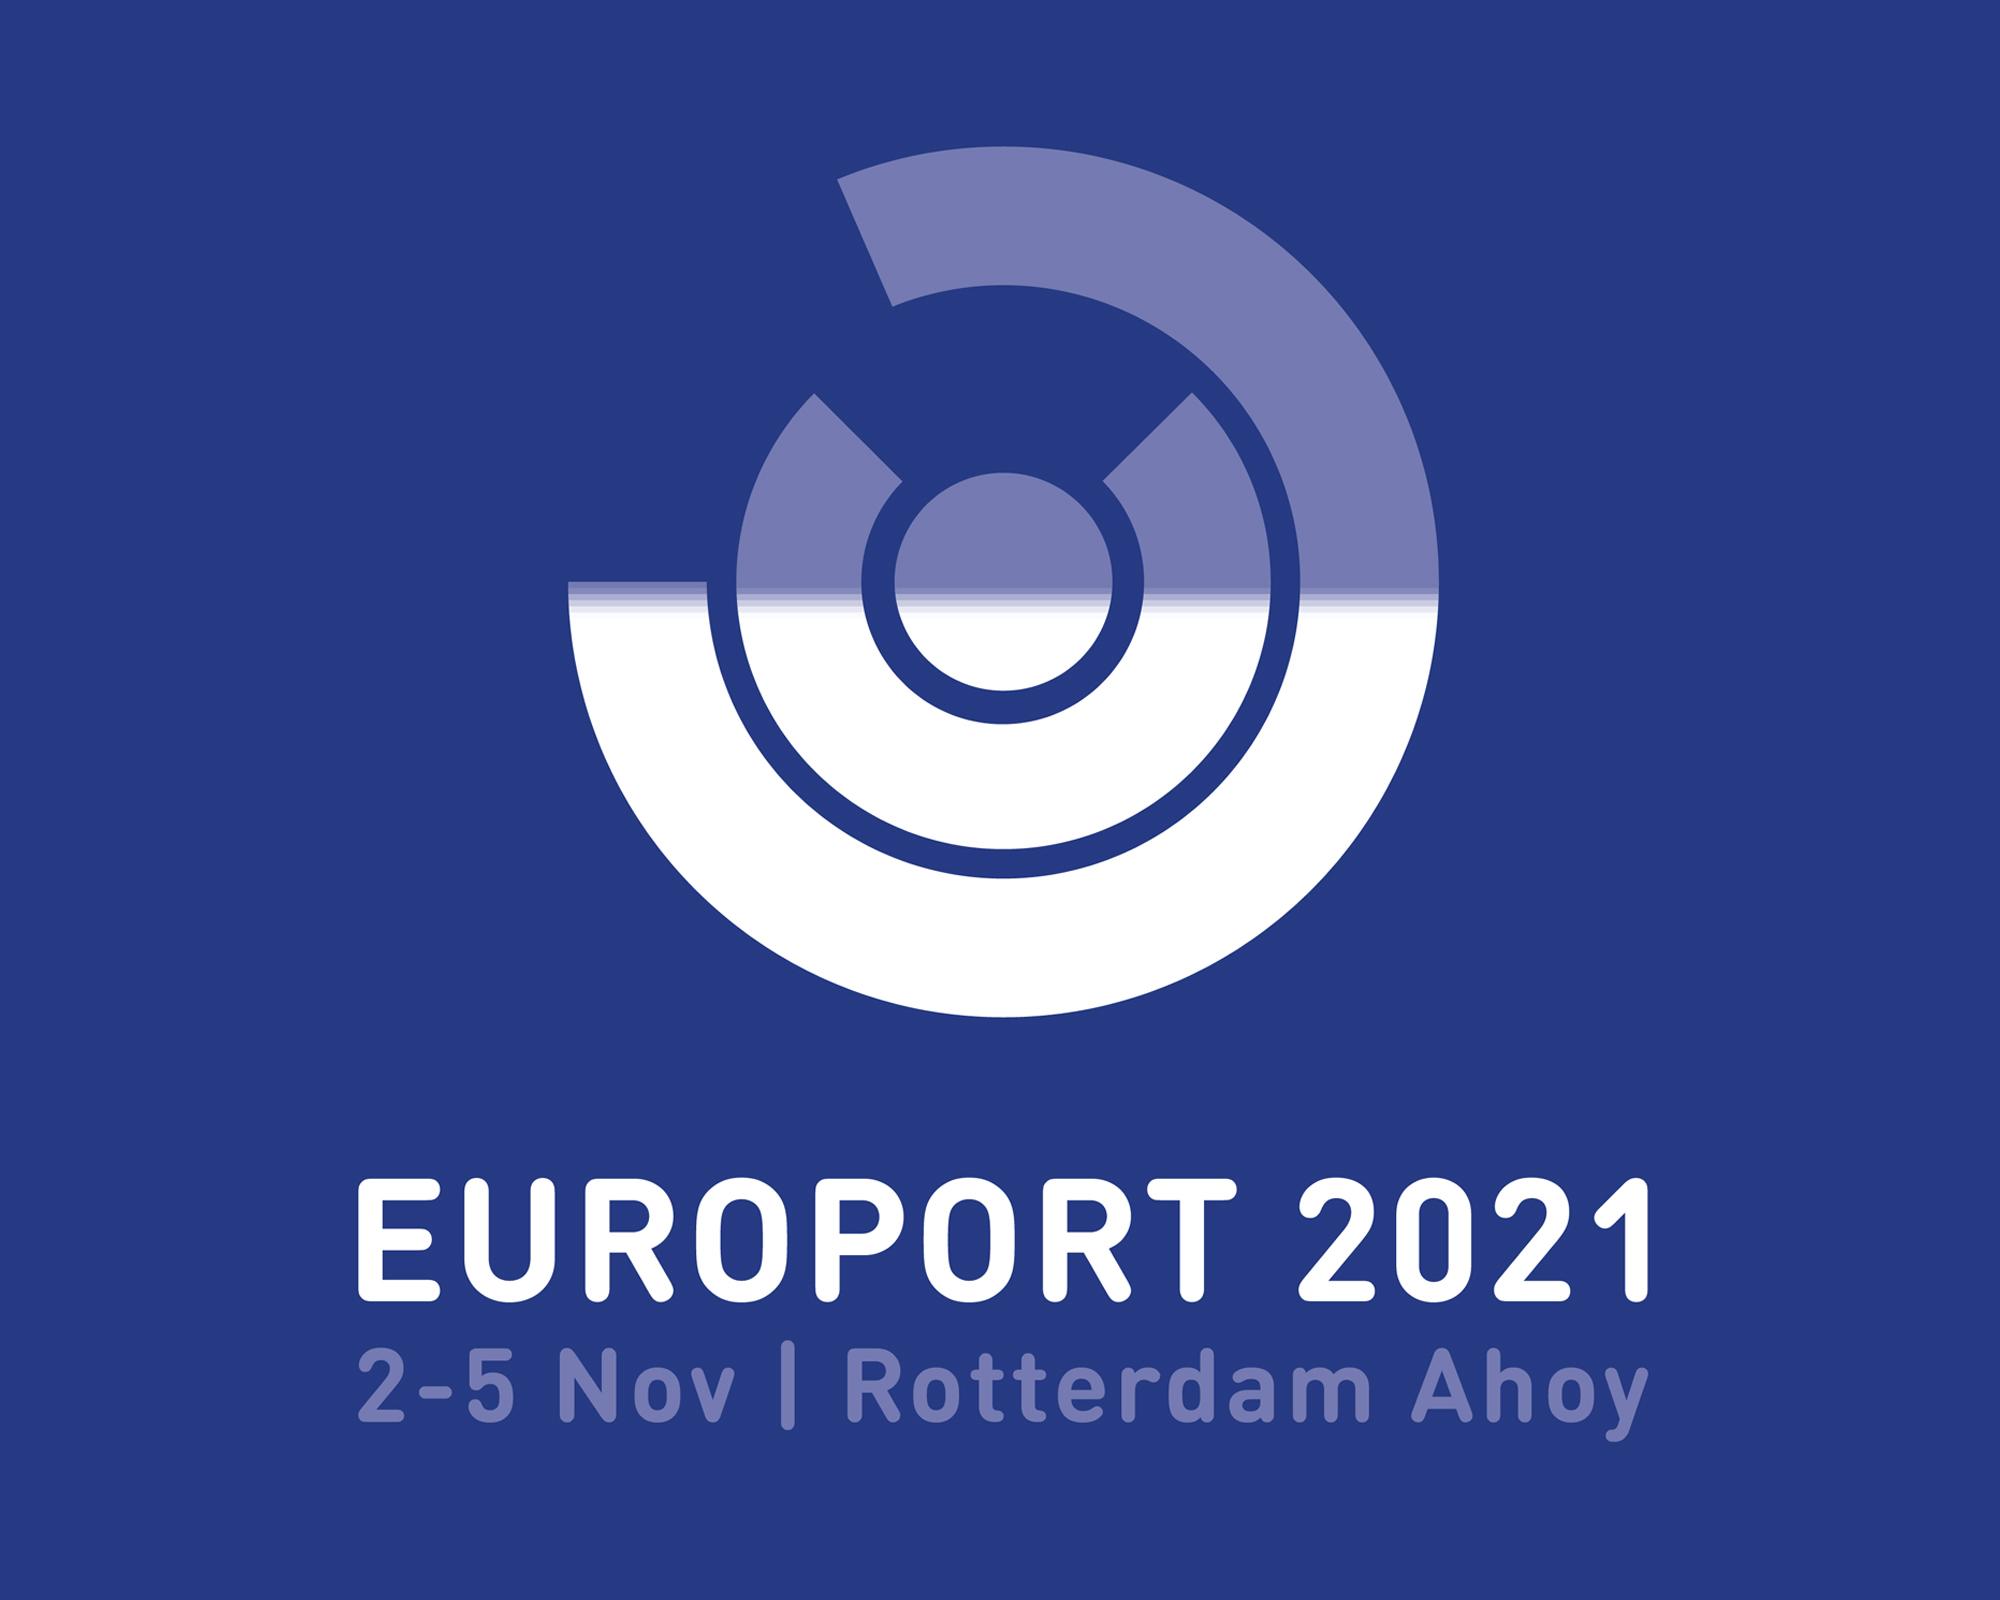 RENOGEAR EXPONDRÁ EN ROTTERDAM EN LA FERIA EUROPORT 2021